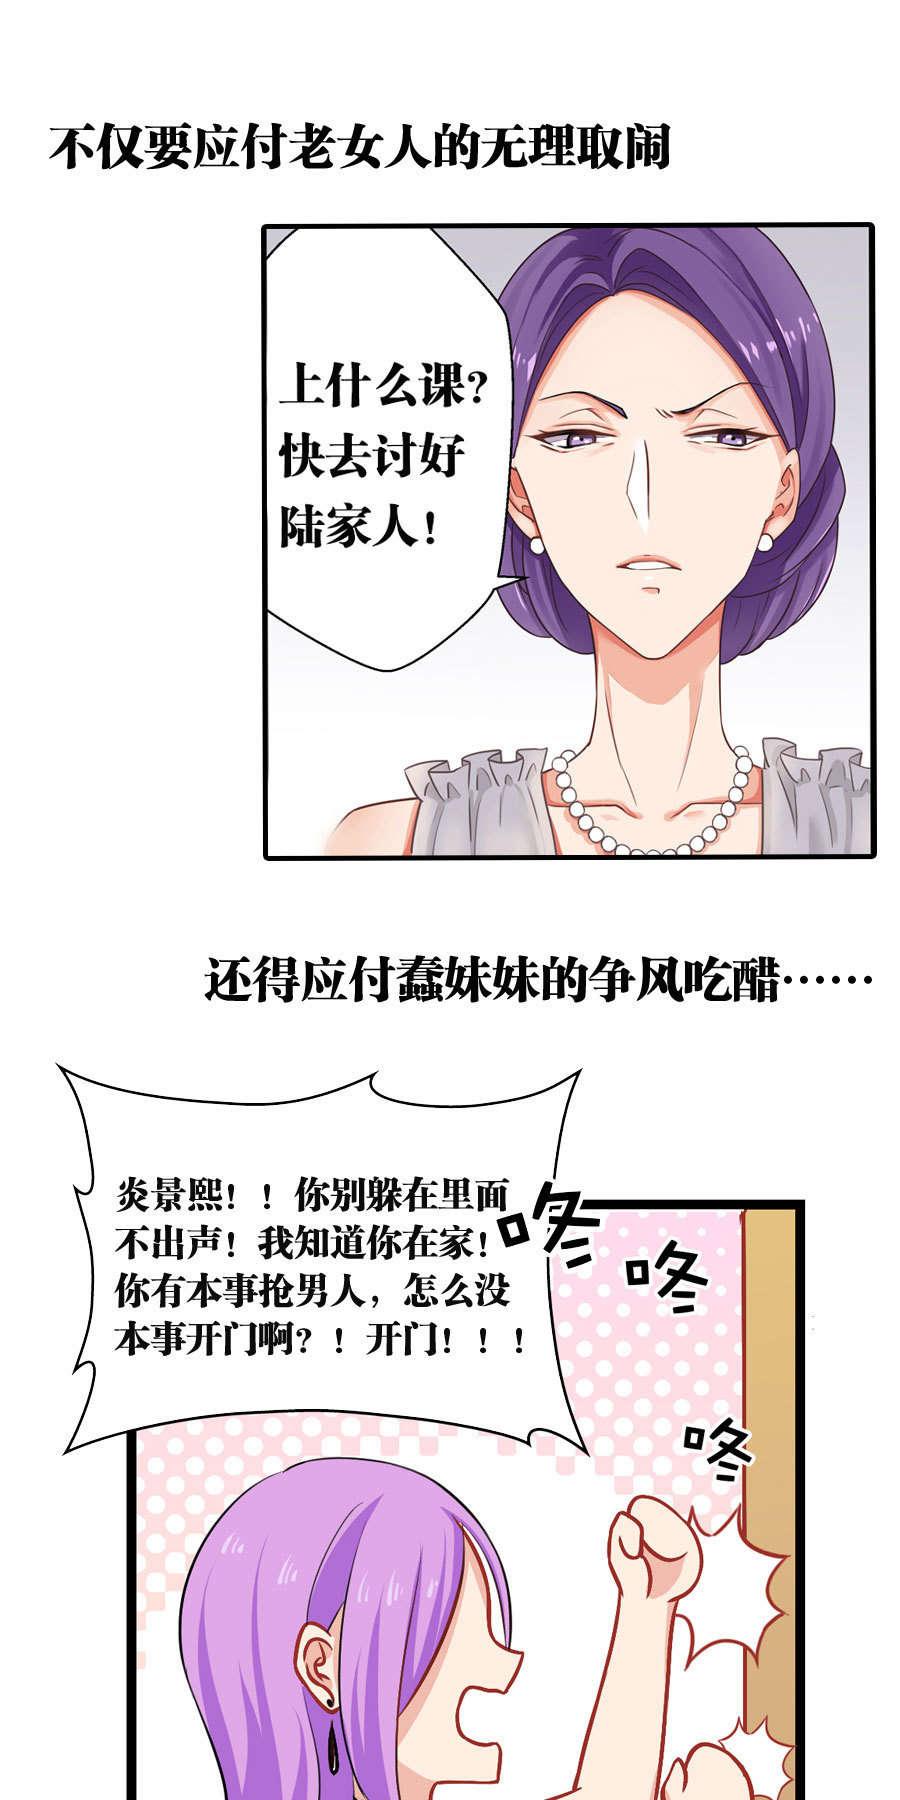 指染成婚第44话  【活动】剧情有奖竞猜 第 2